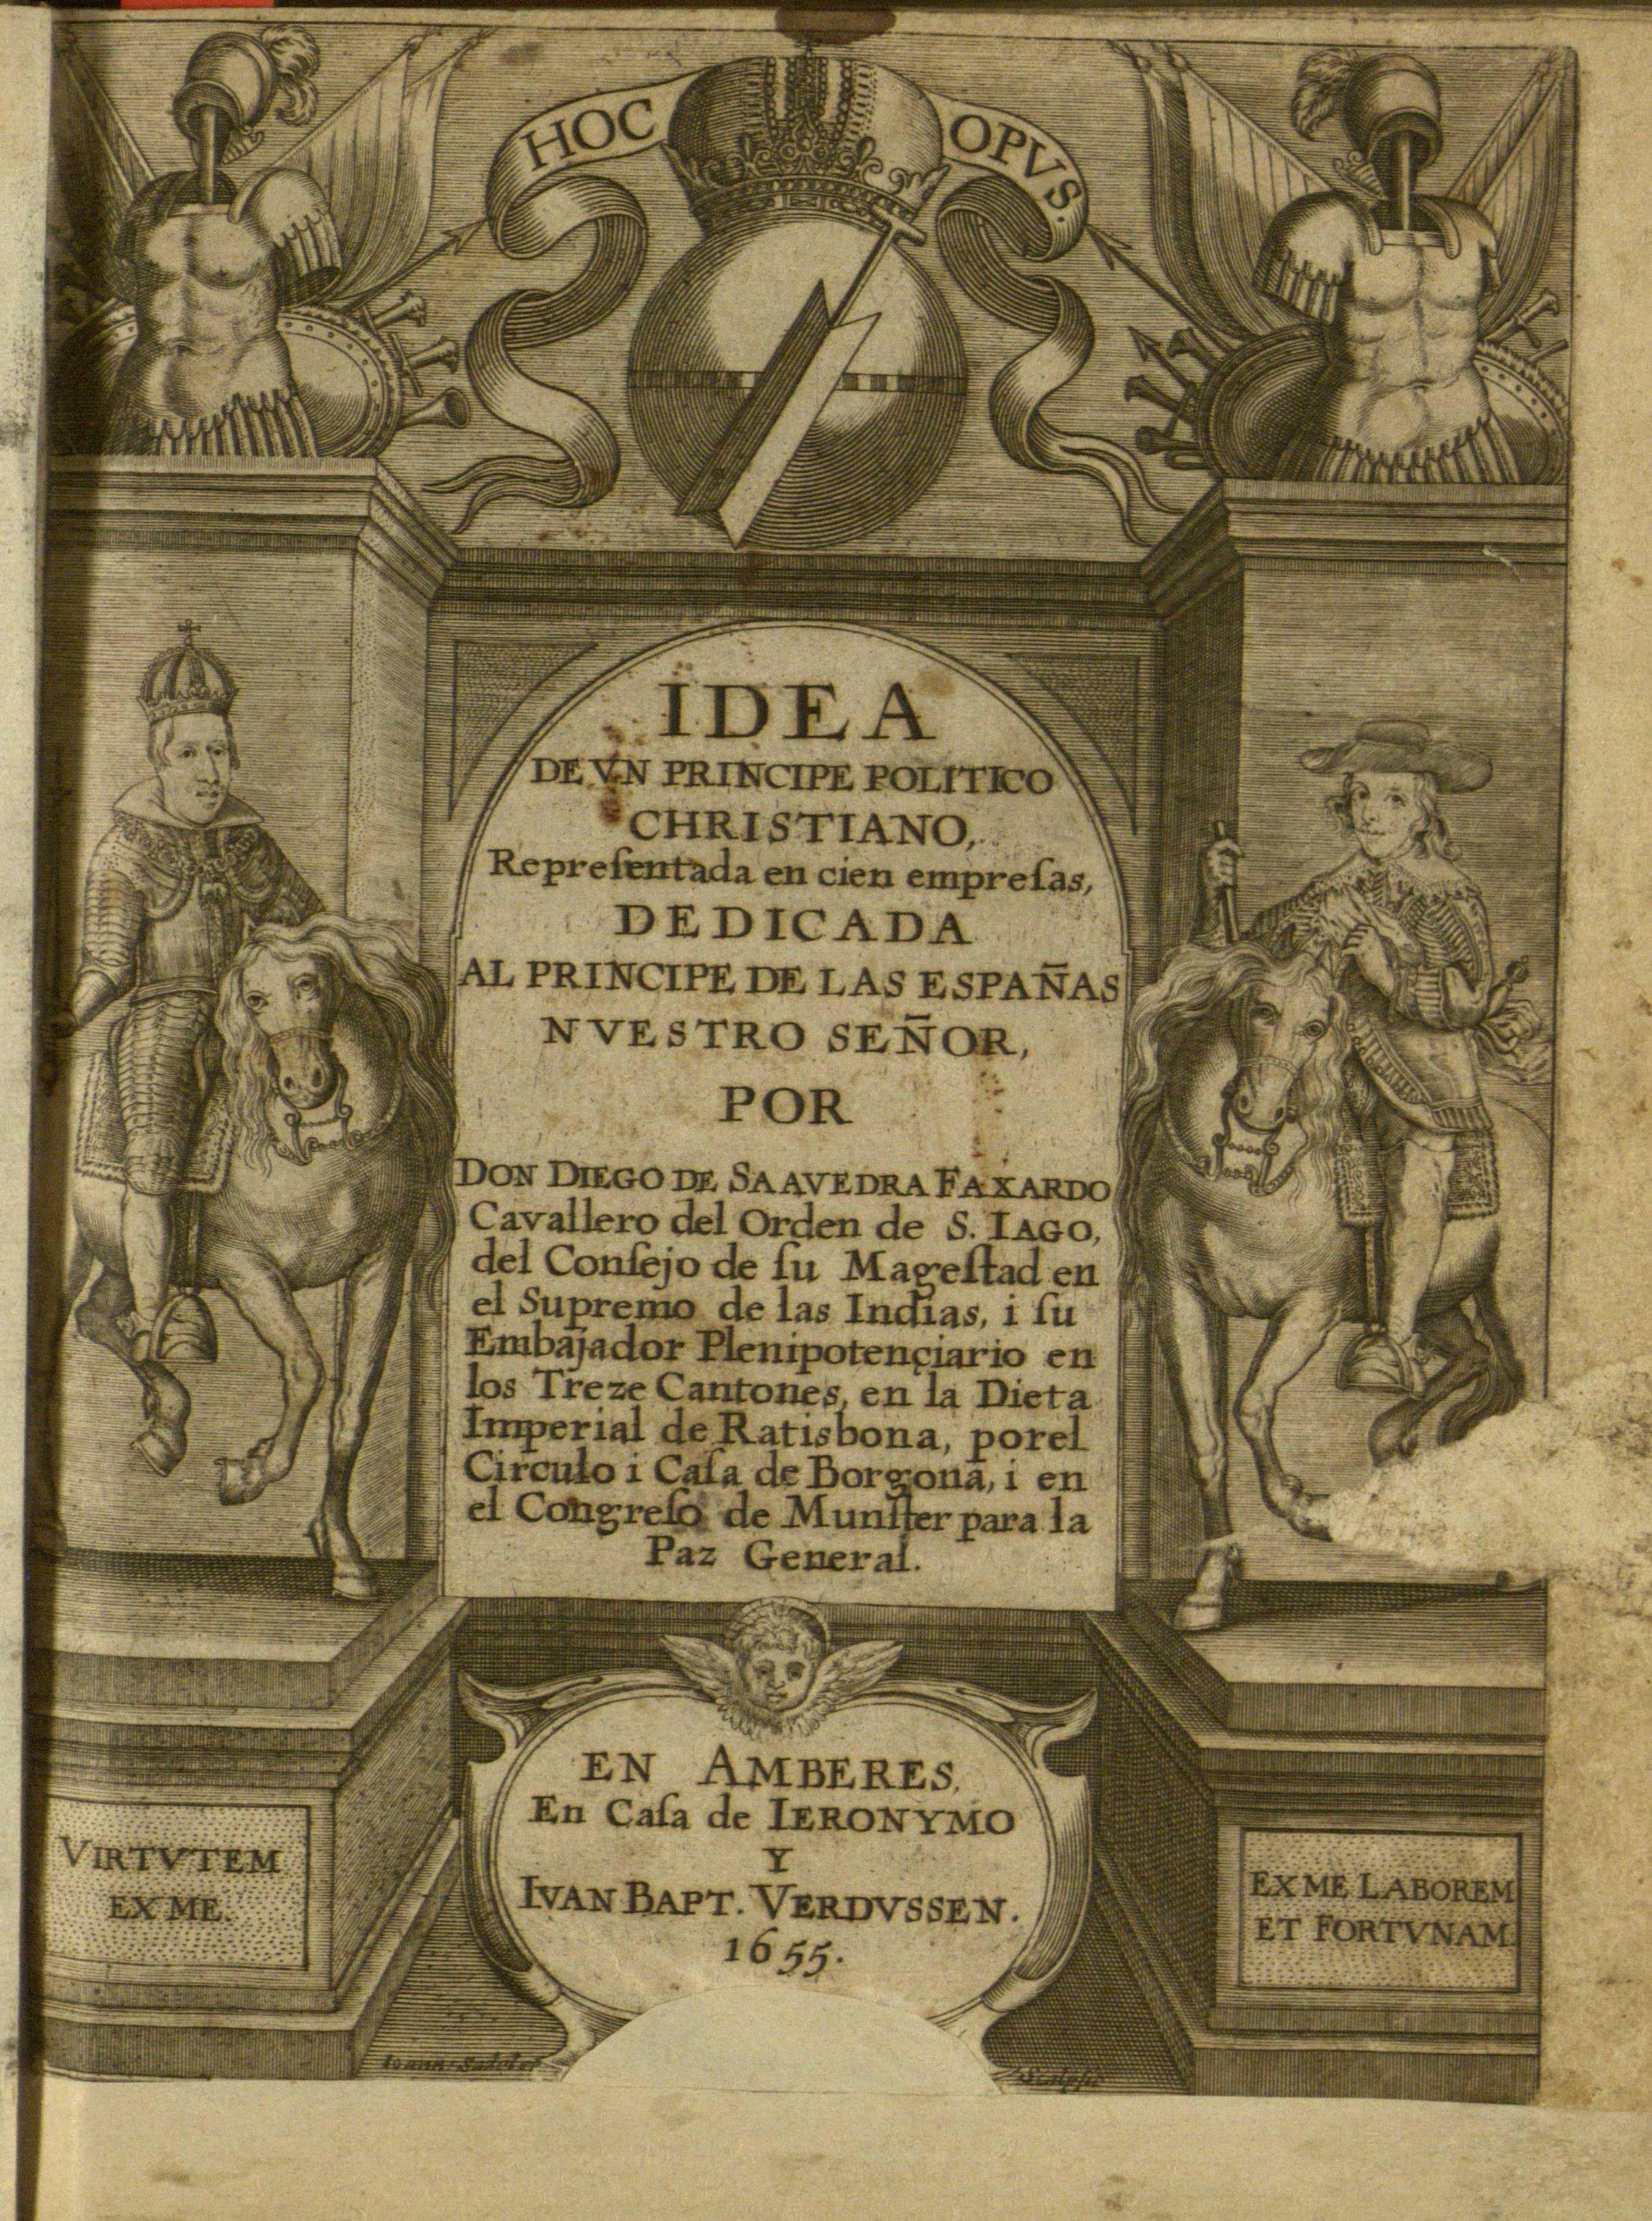 Idea de un príncipe político christiano representada en cien empresas, 1655